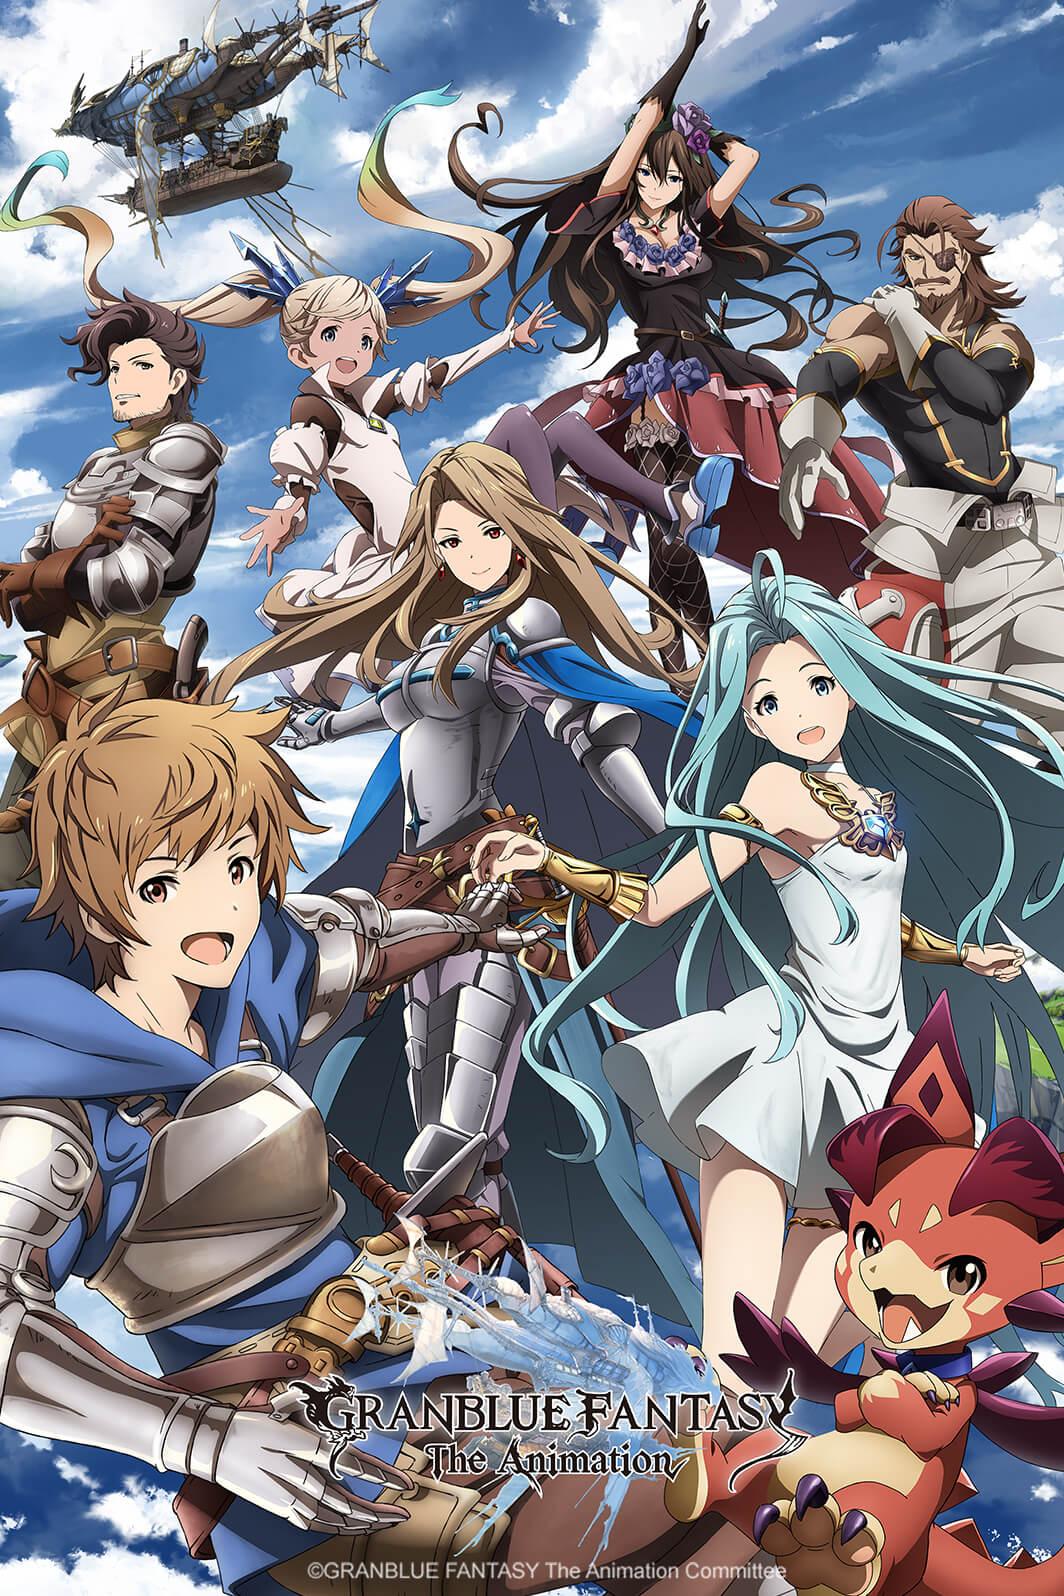 763bd99a63efac911f4a426b00f88bcf1484266583_main - Granblue Fantasy The Animation [T1: 13/13 Y T2: 12/12+OVA] [Ligero] (Finalizado) - Anime Ligero [Descargas]